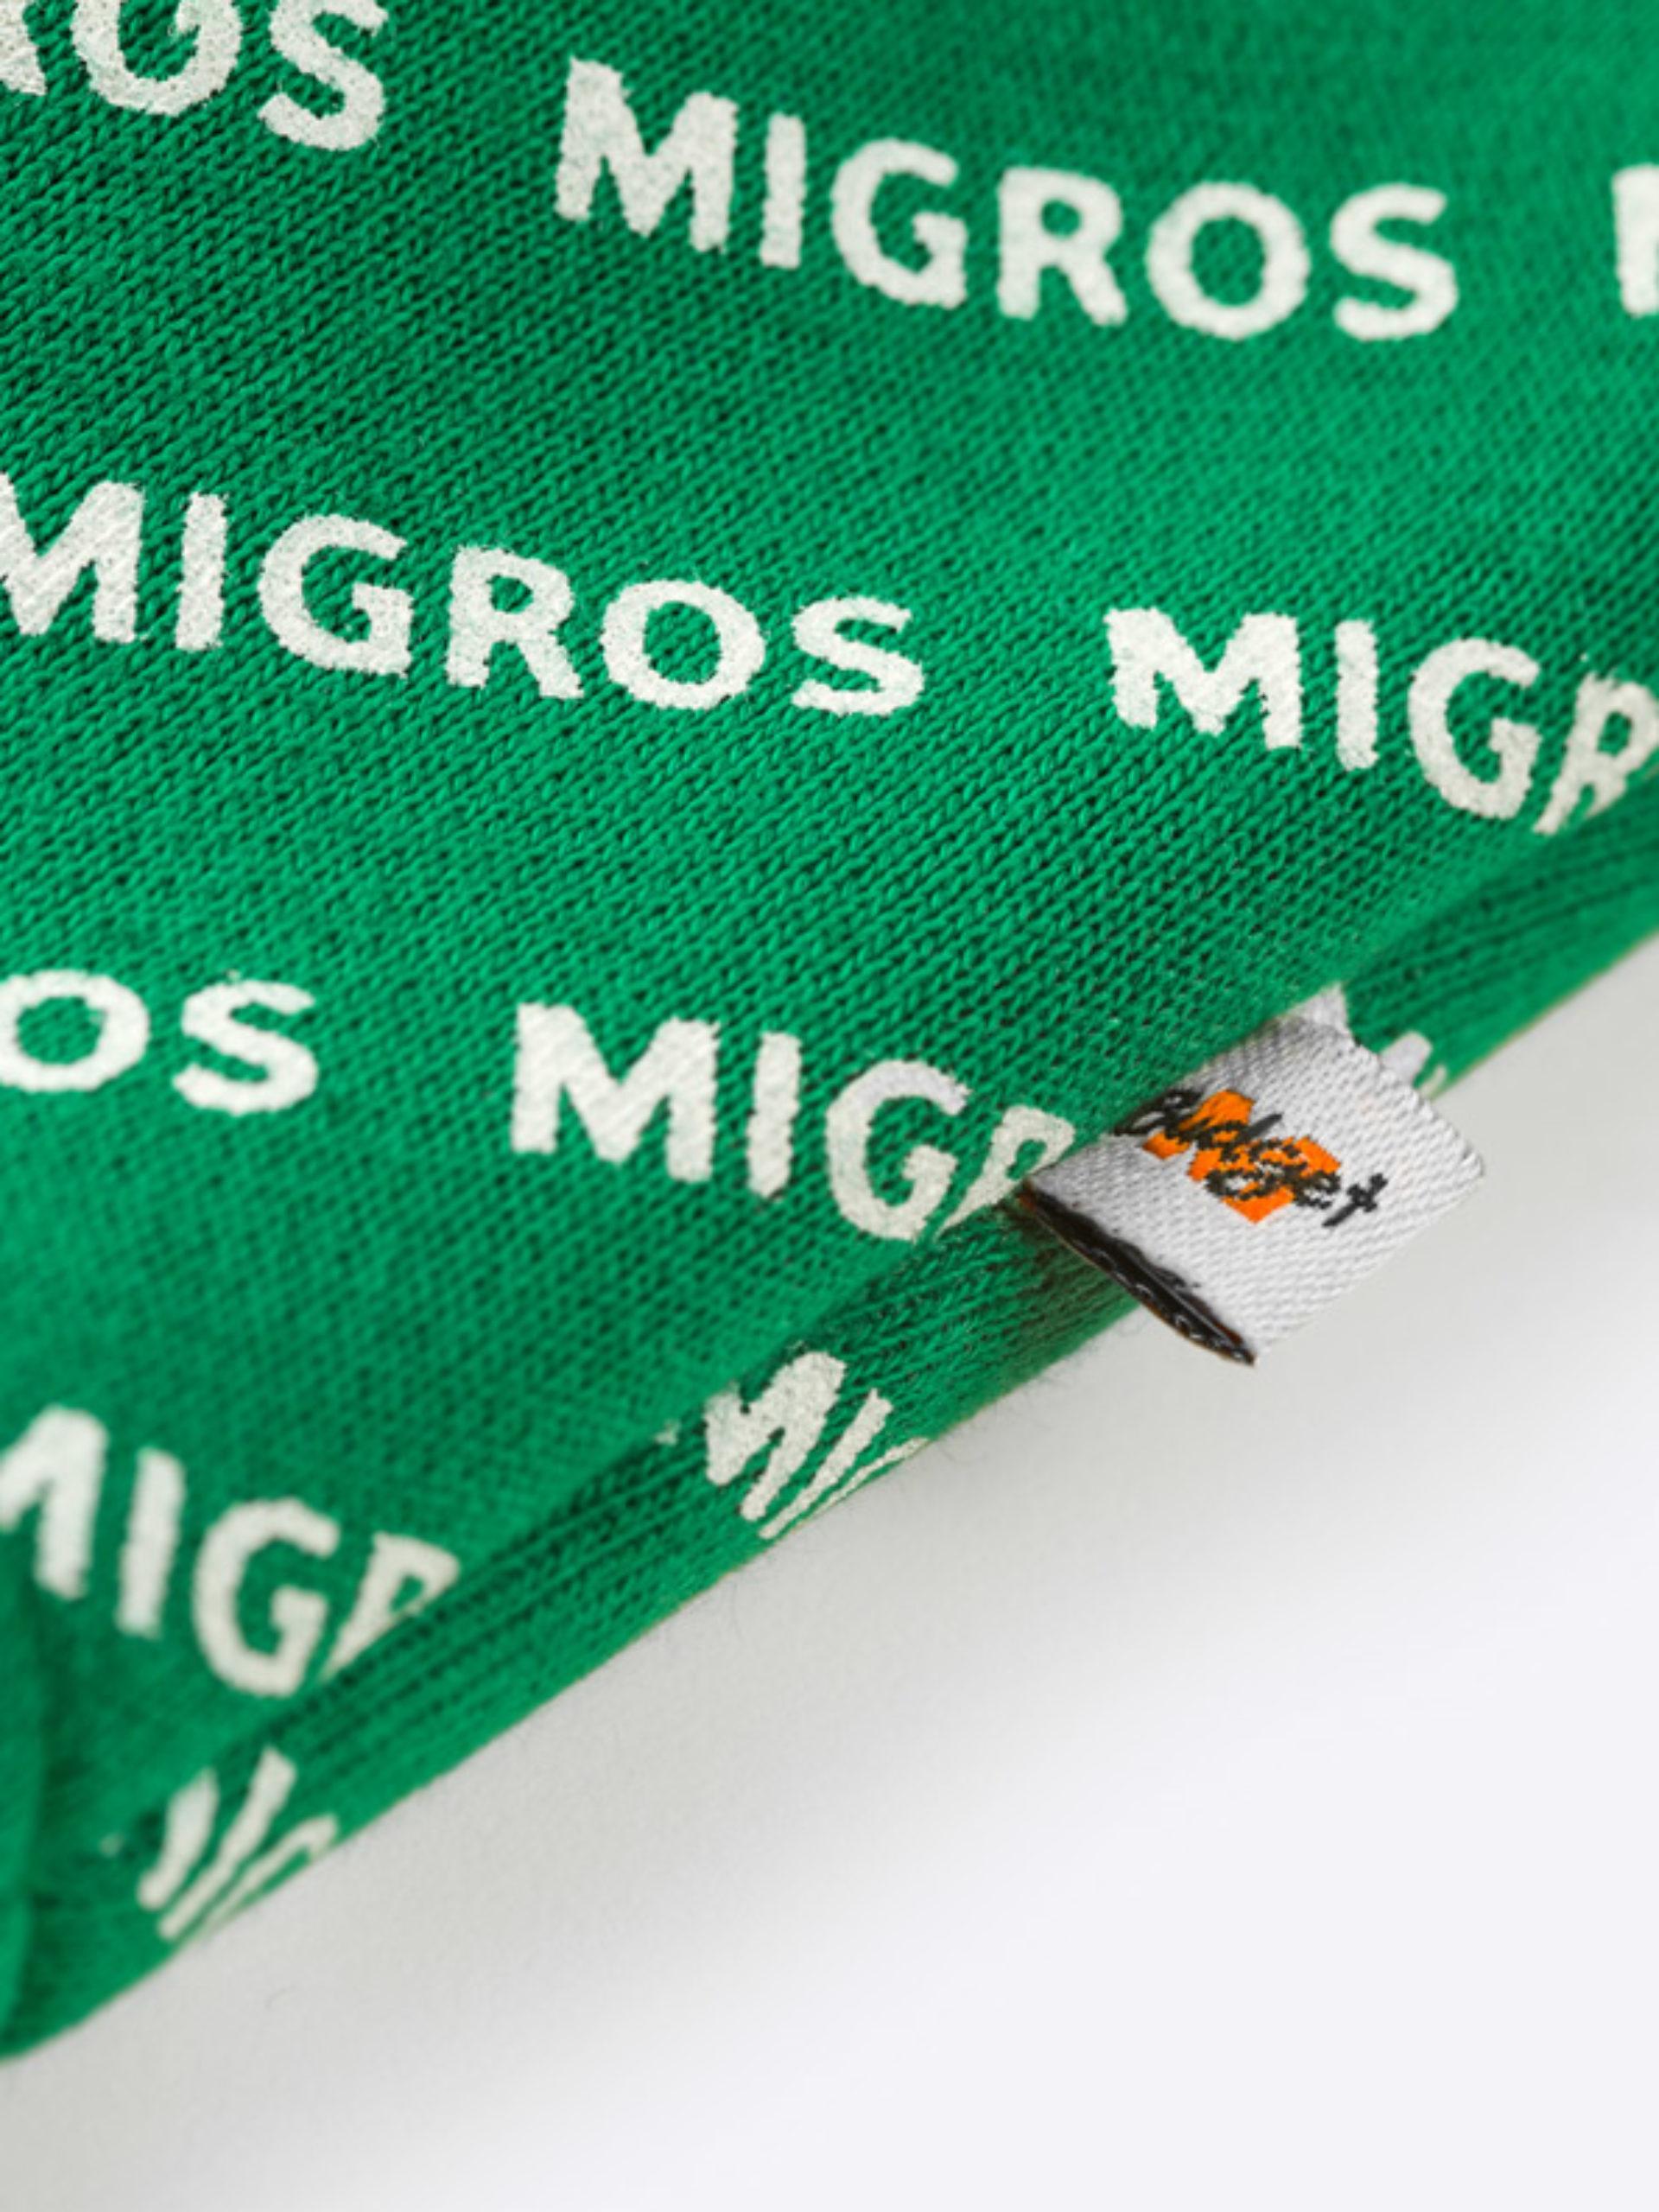 Kapuzen Pullover Mit Logo Drucken